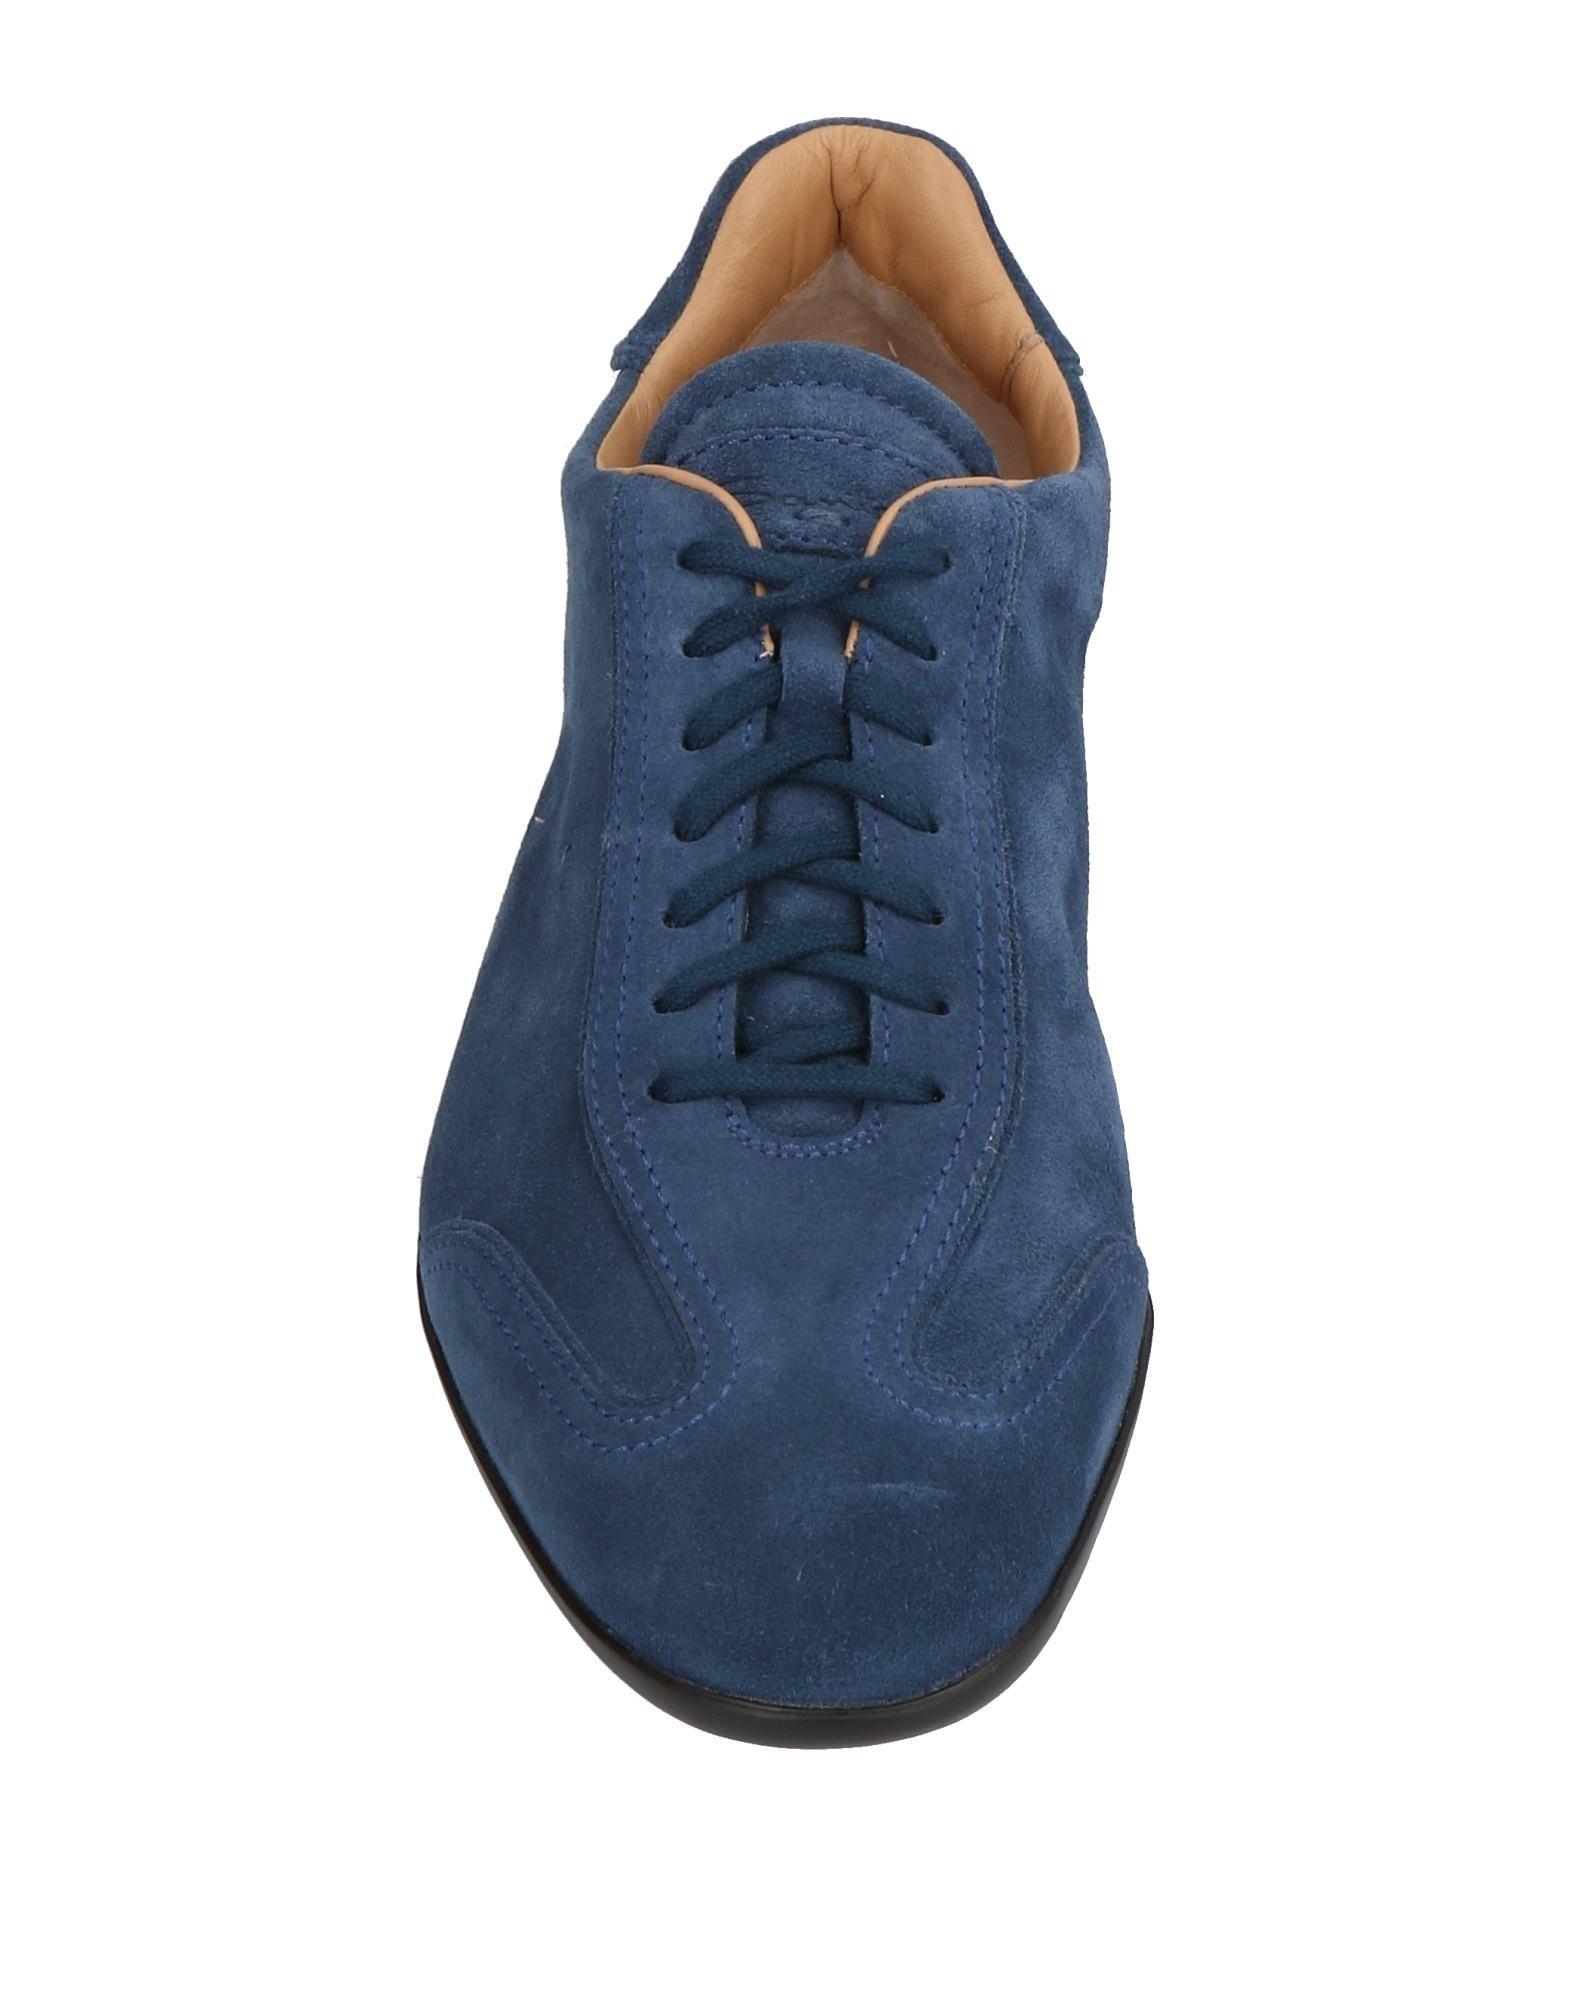 Haltbare Mode billige Santoni Schuhe Santoni billige Sneakers Herren  11478672QX Heiße Schuhe 093369